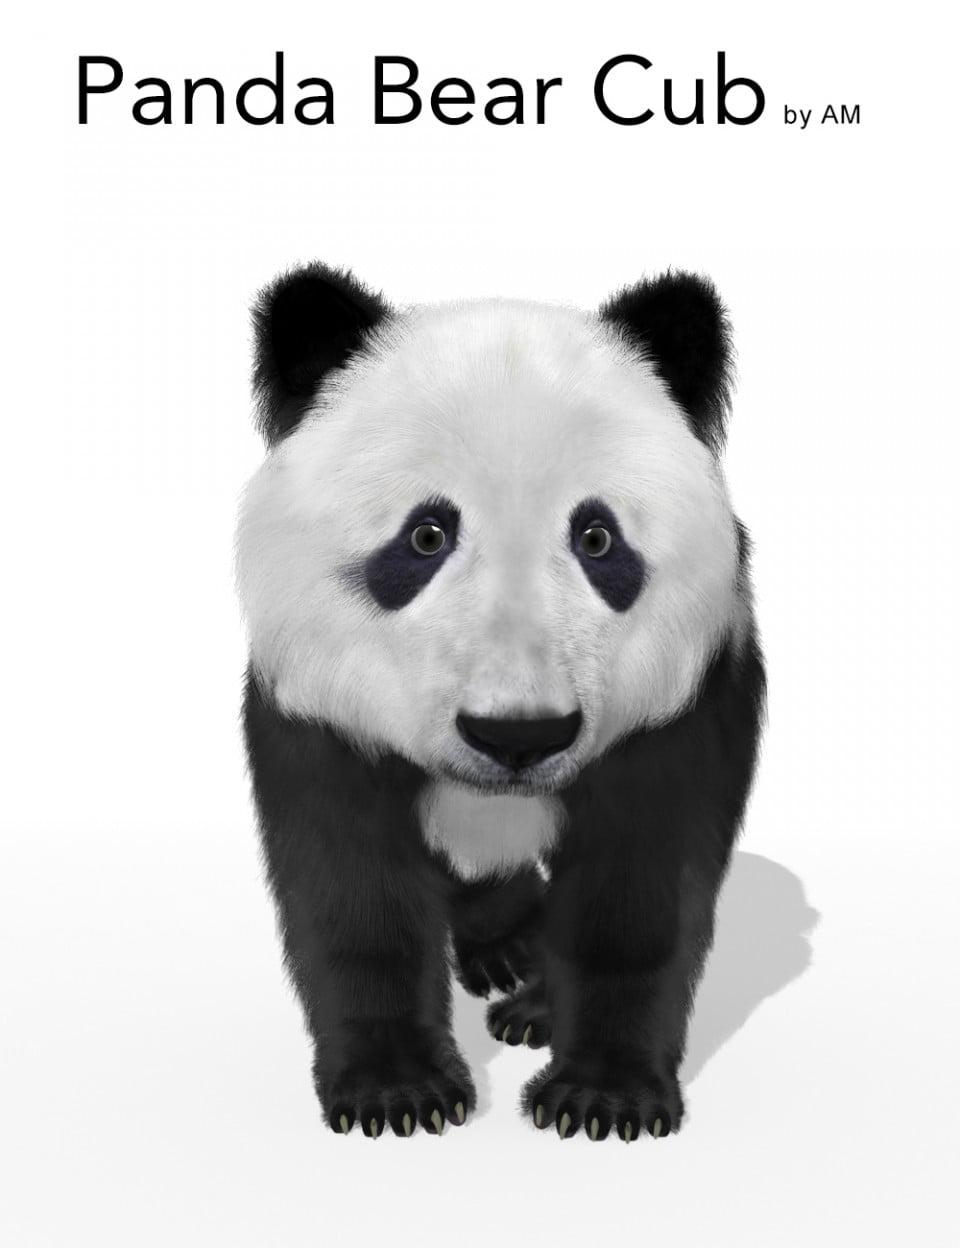 AM Panda Bear Cub